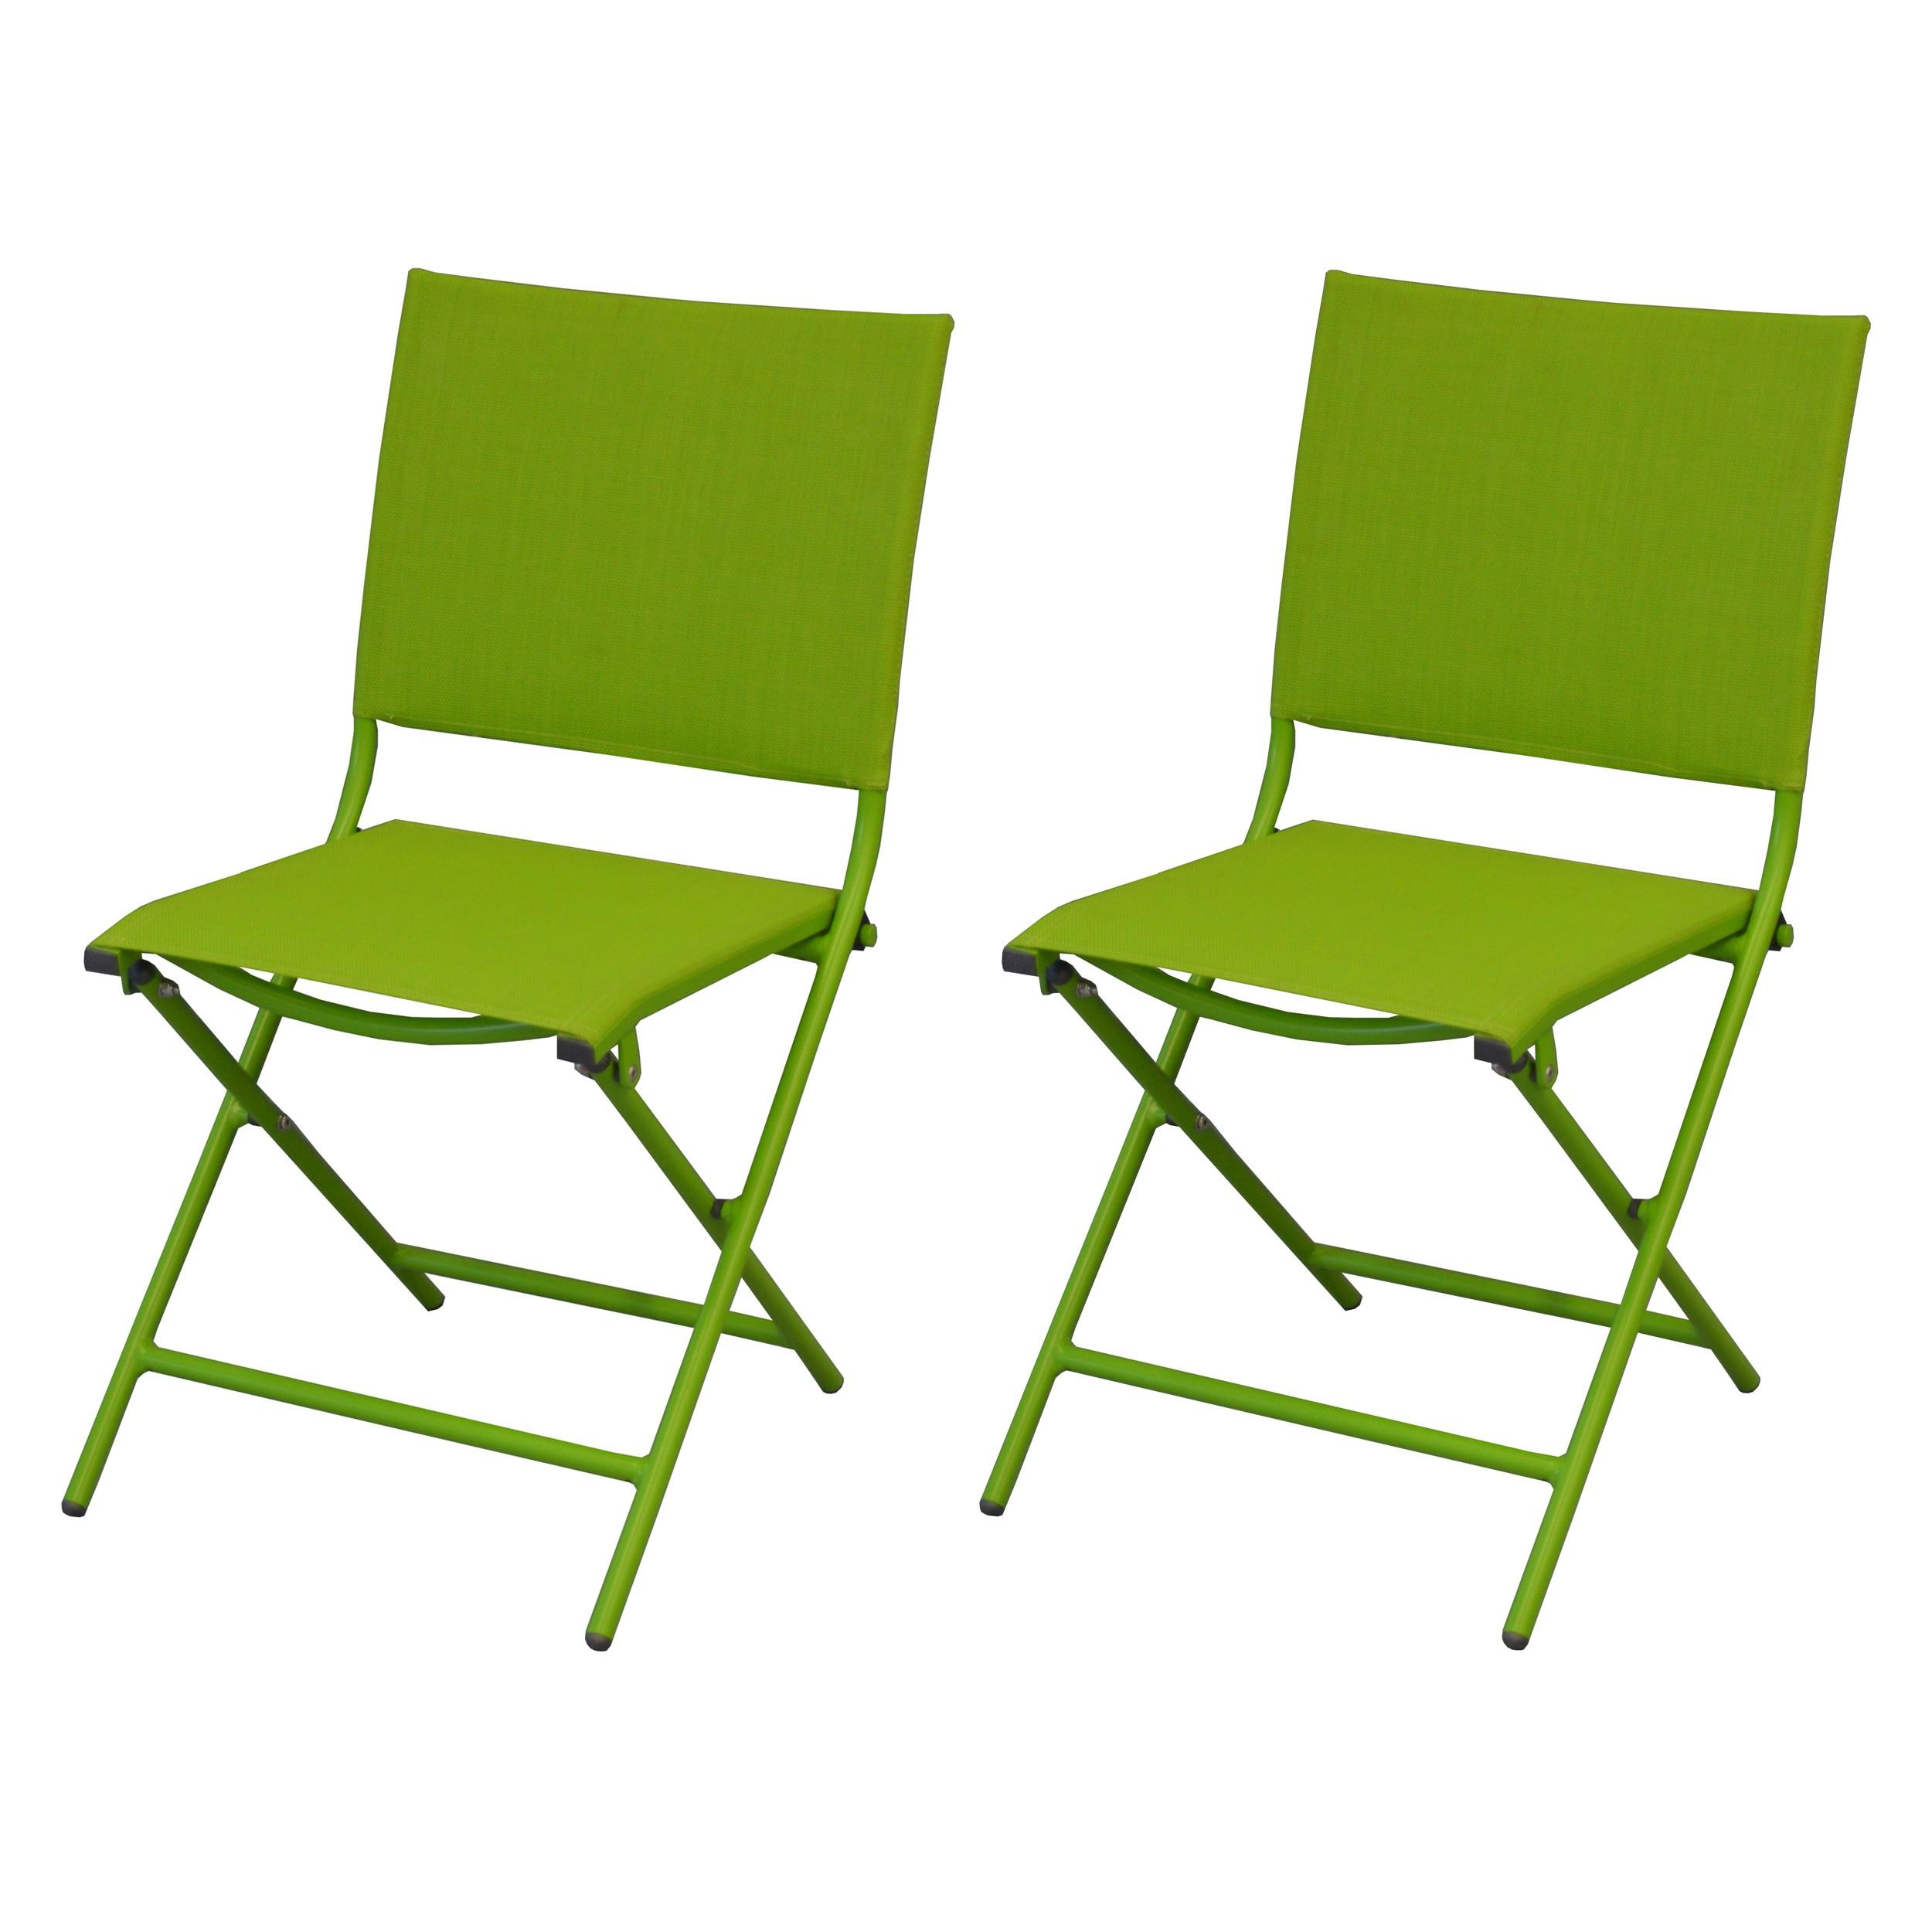 Chaise Bali verte : choisissez nos chaises Bali vertes pas chères ...